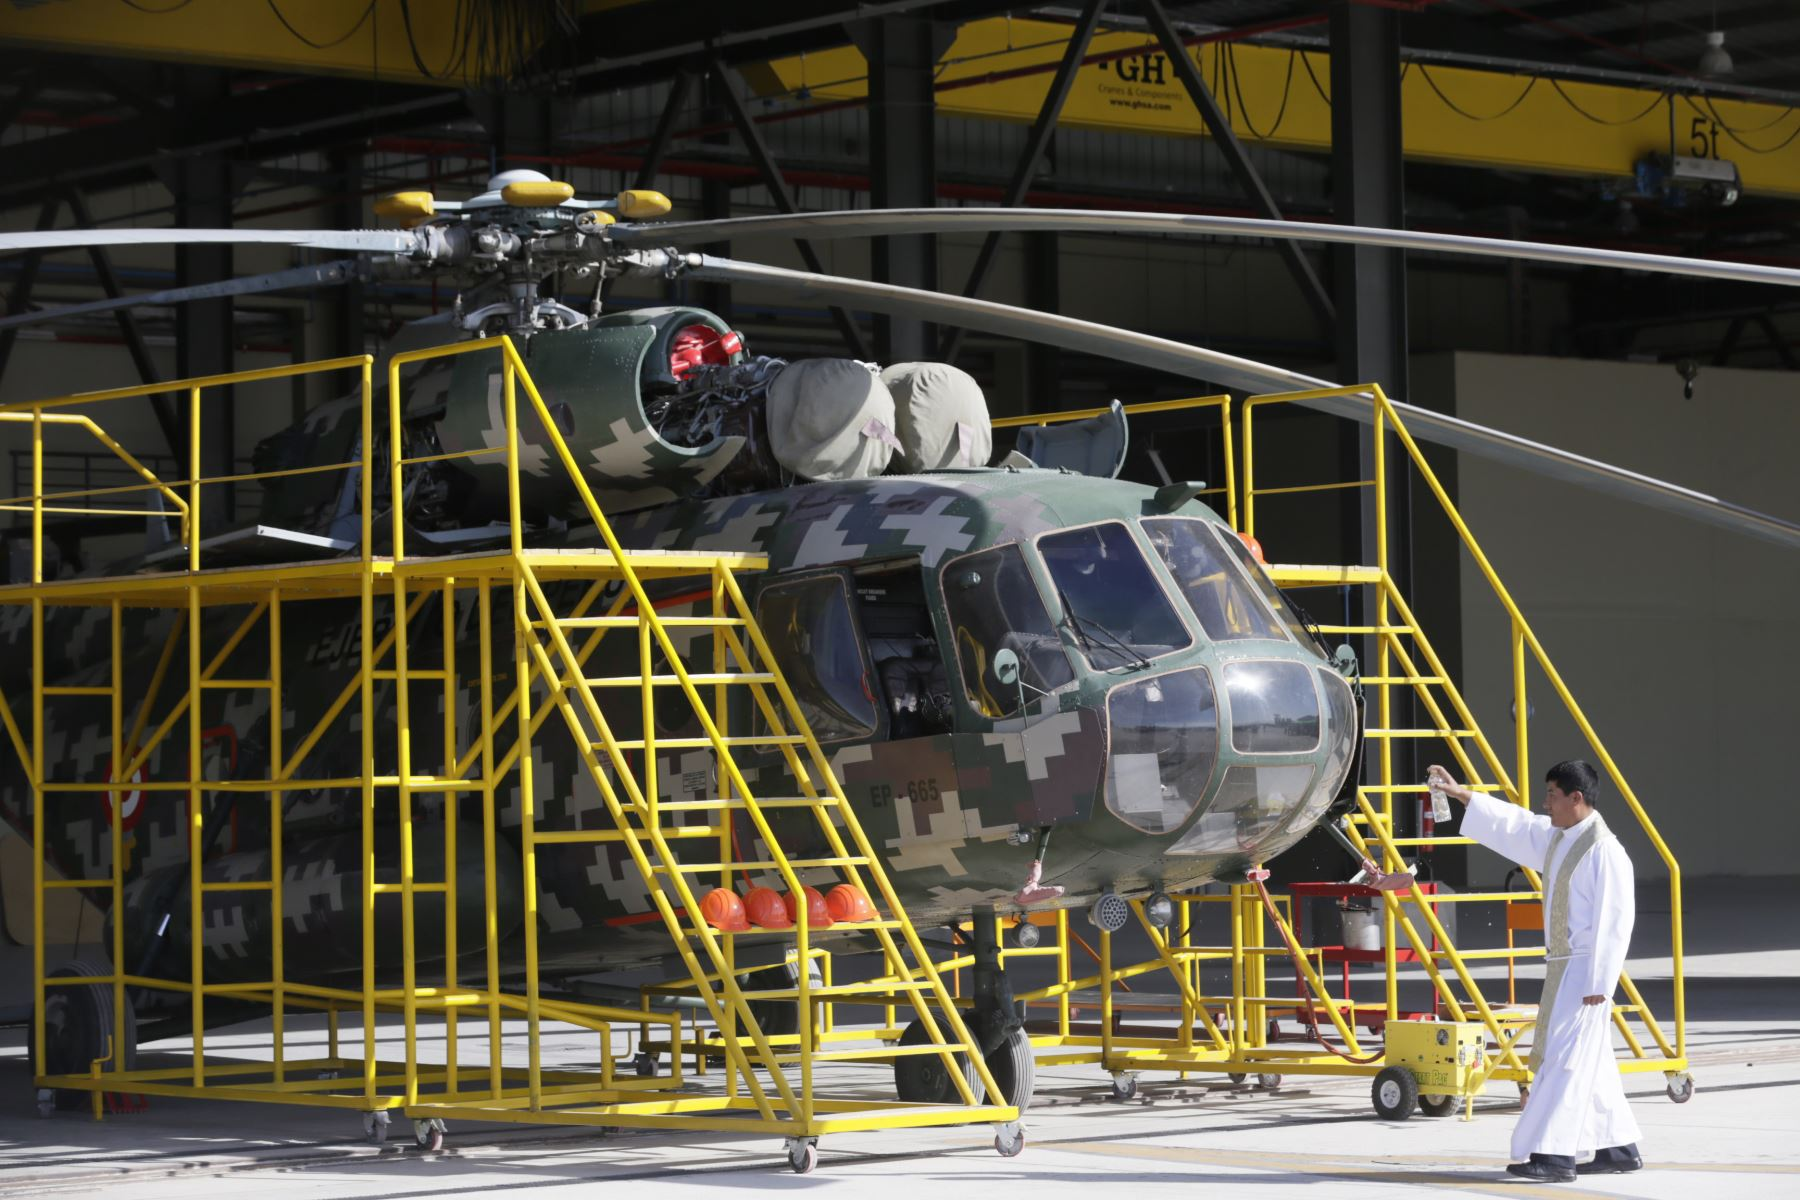 Jefe de Estado Martín Vizcarra llega al CEMAE La Joya donde supervisó y entregó las obras ejecutadas en esta institución, que brindará servicios de mantenimiento y reparación a los helicópteros MI-17 de las Fuerzas Armadas. Foto: ANDINA/Prensa Presidencia